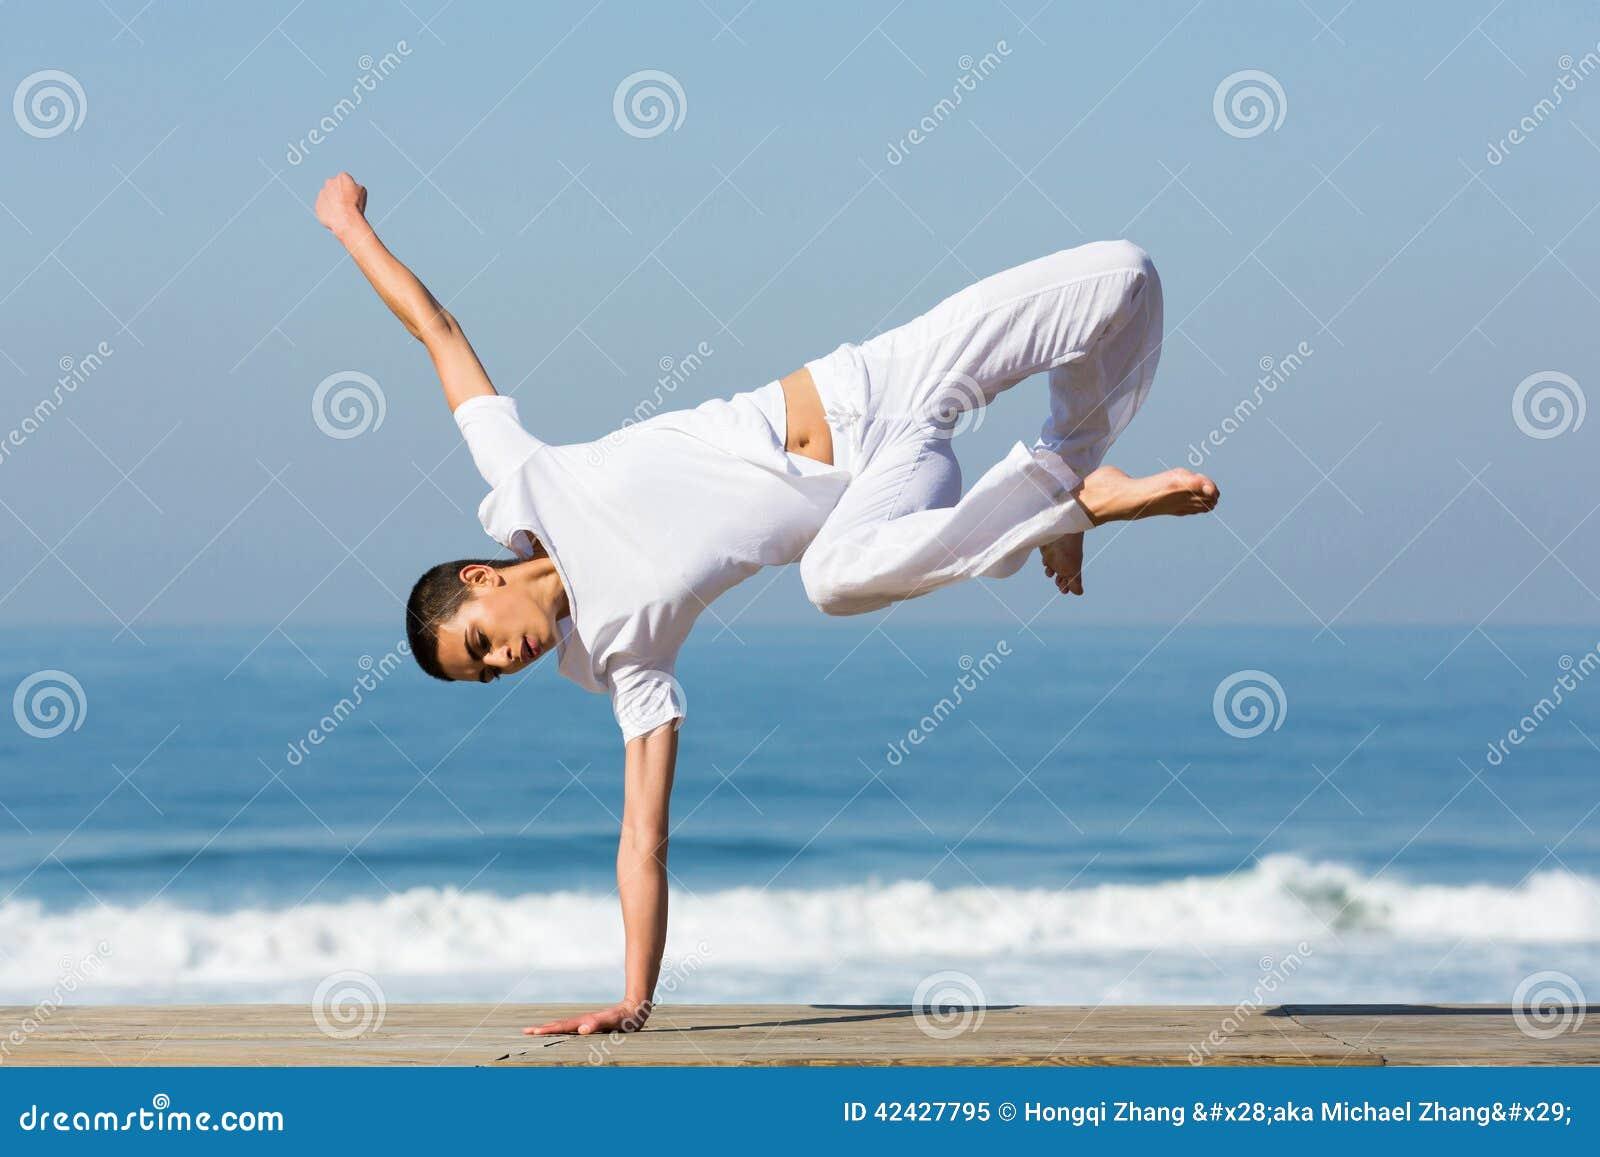 Posición del pino practicante del bailarín